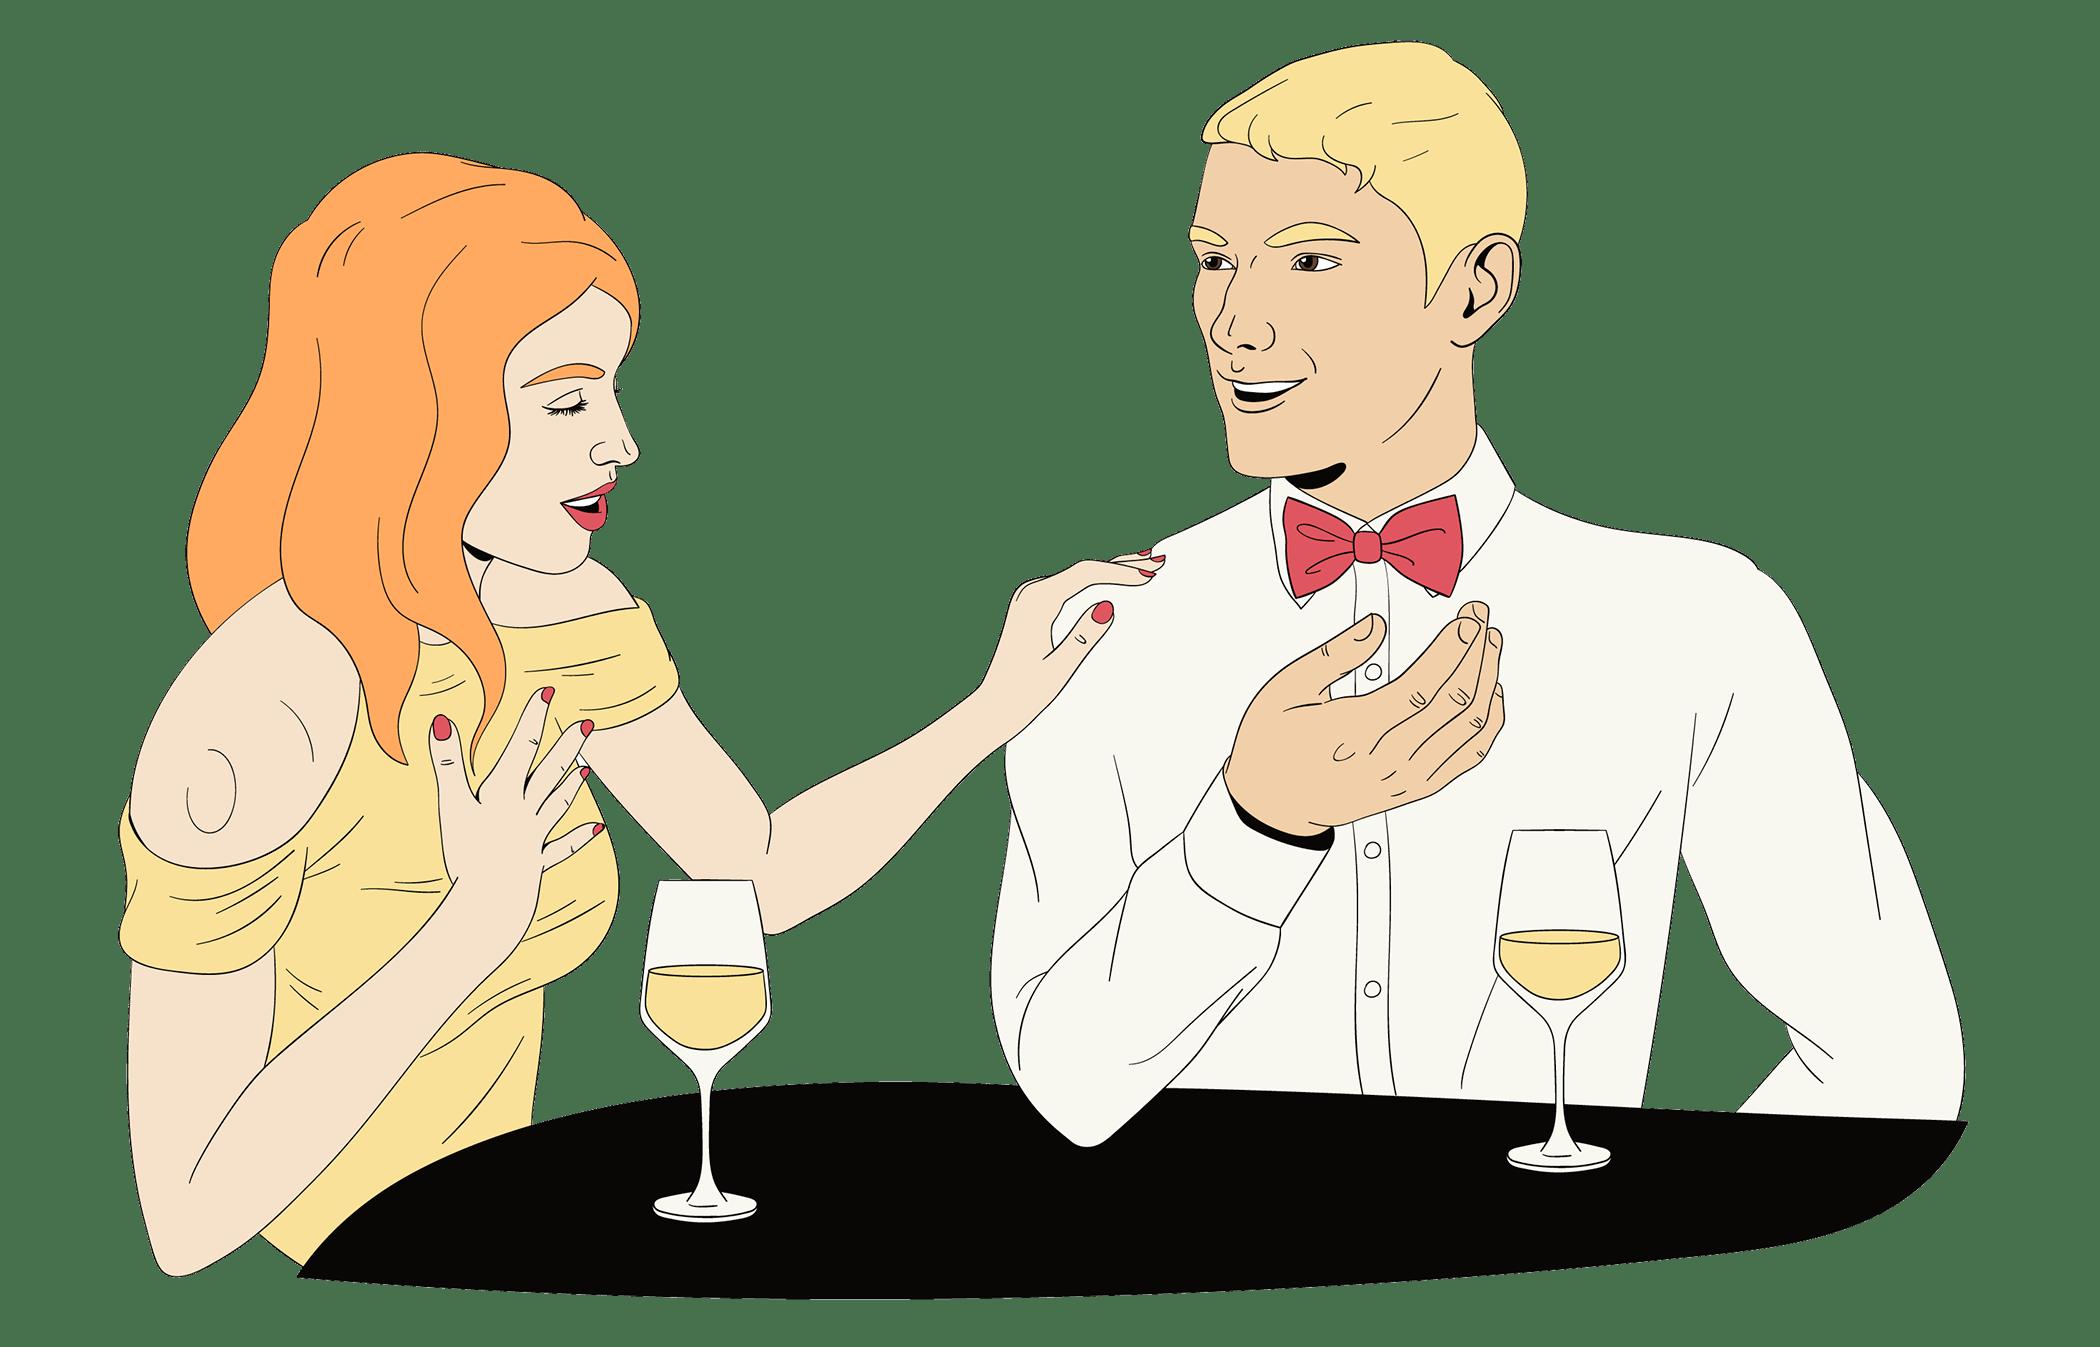 mari et femme s'amusent à leur premier rendez-vous grâce à des questions amusantes